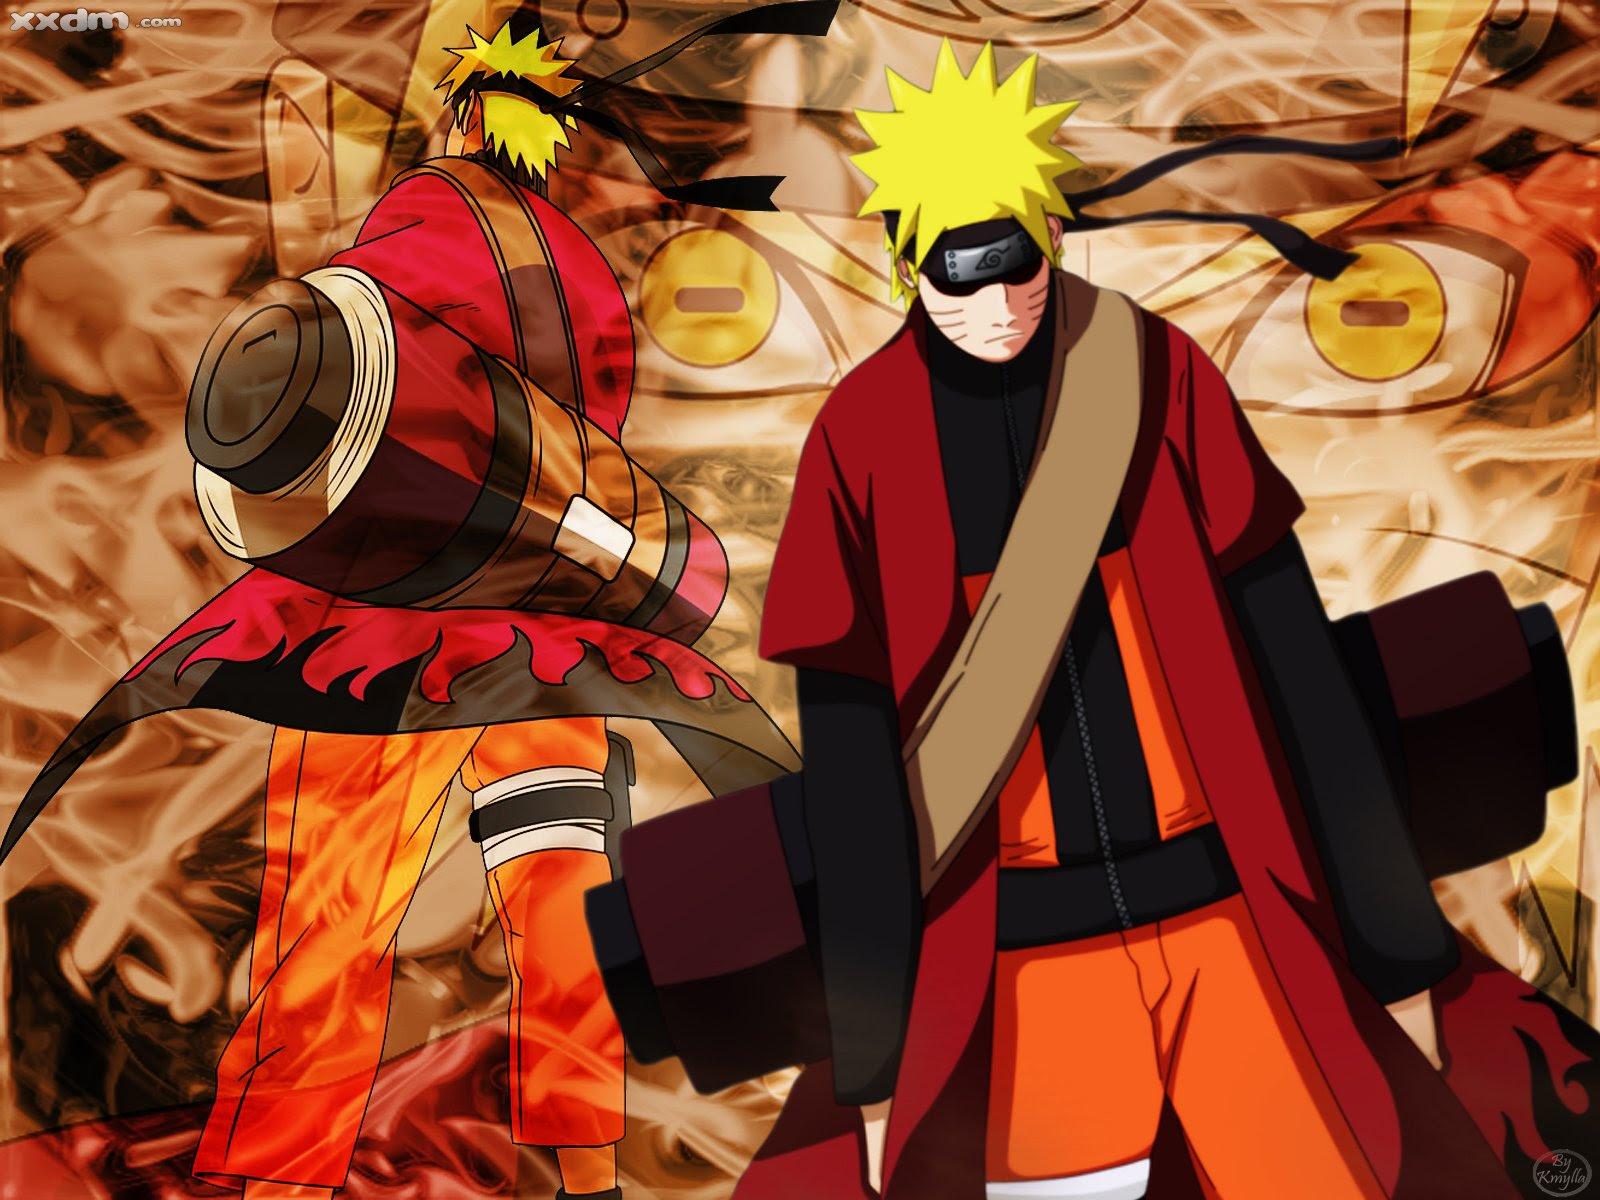 NARUTO GROUP - Naruto Shippuuden Photo (33476129) - Fanpop